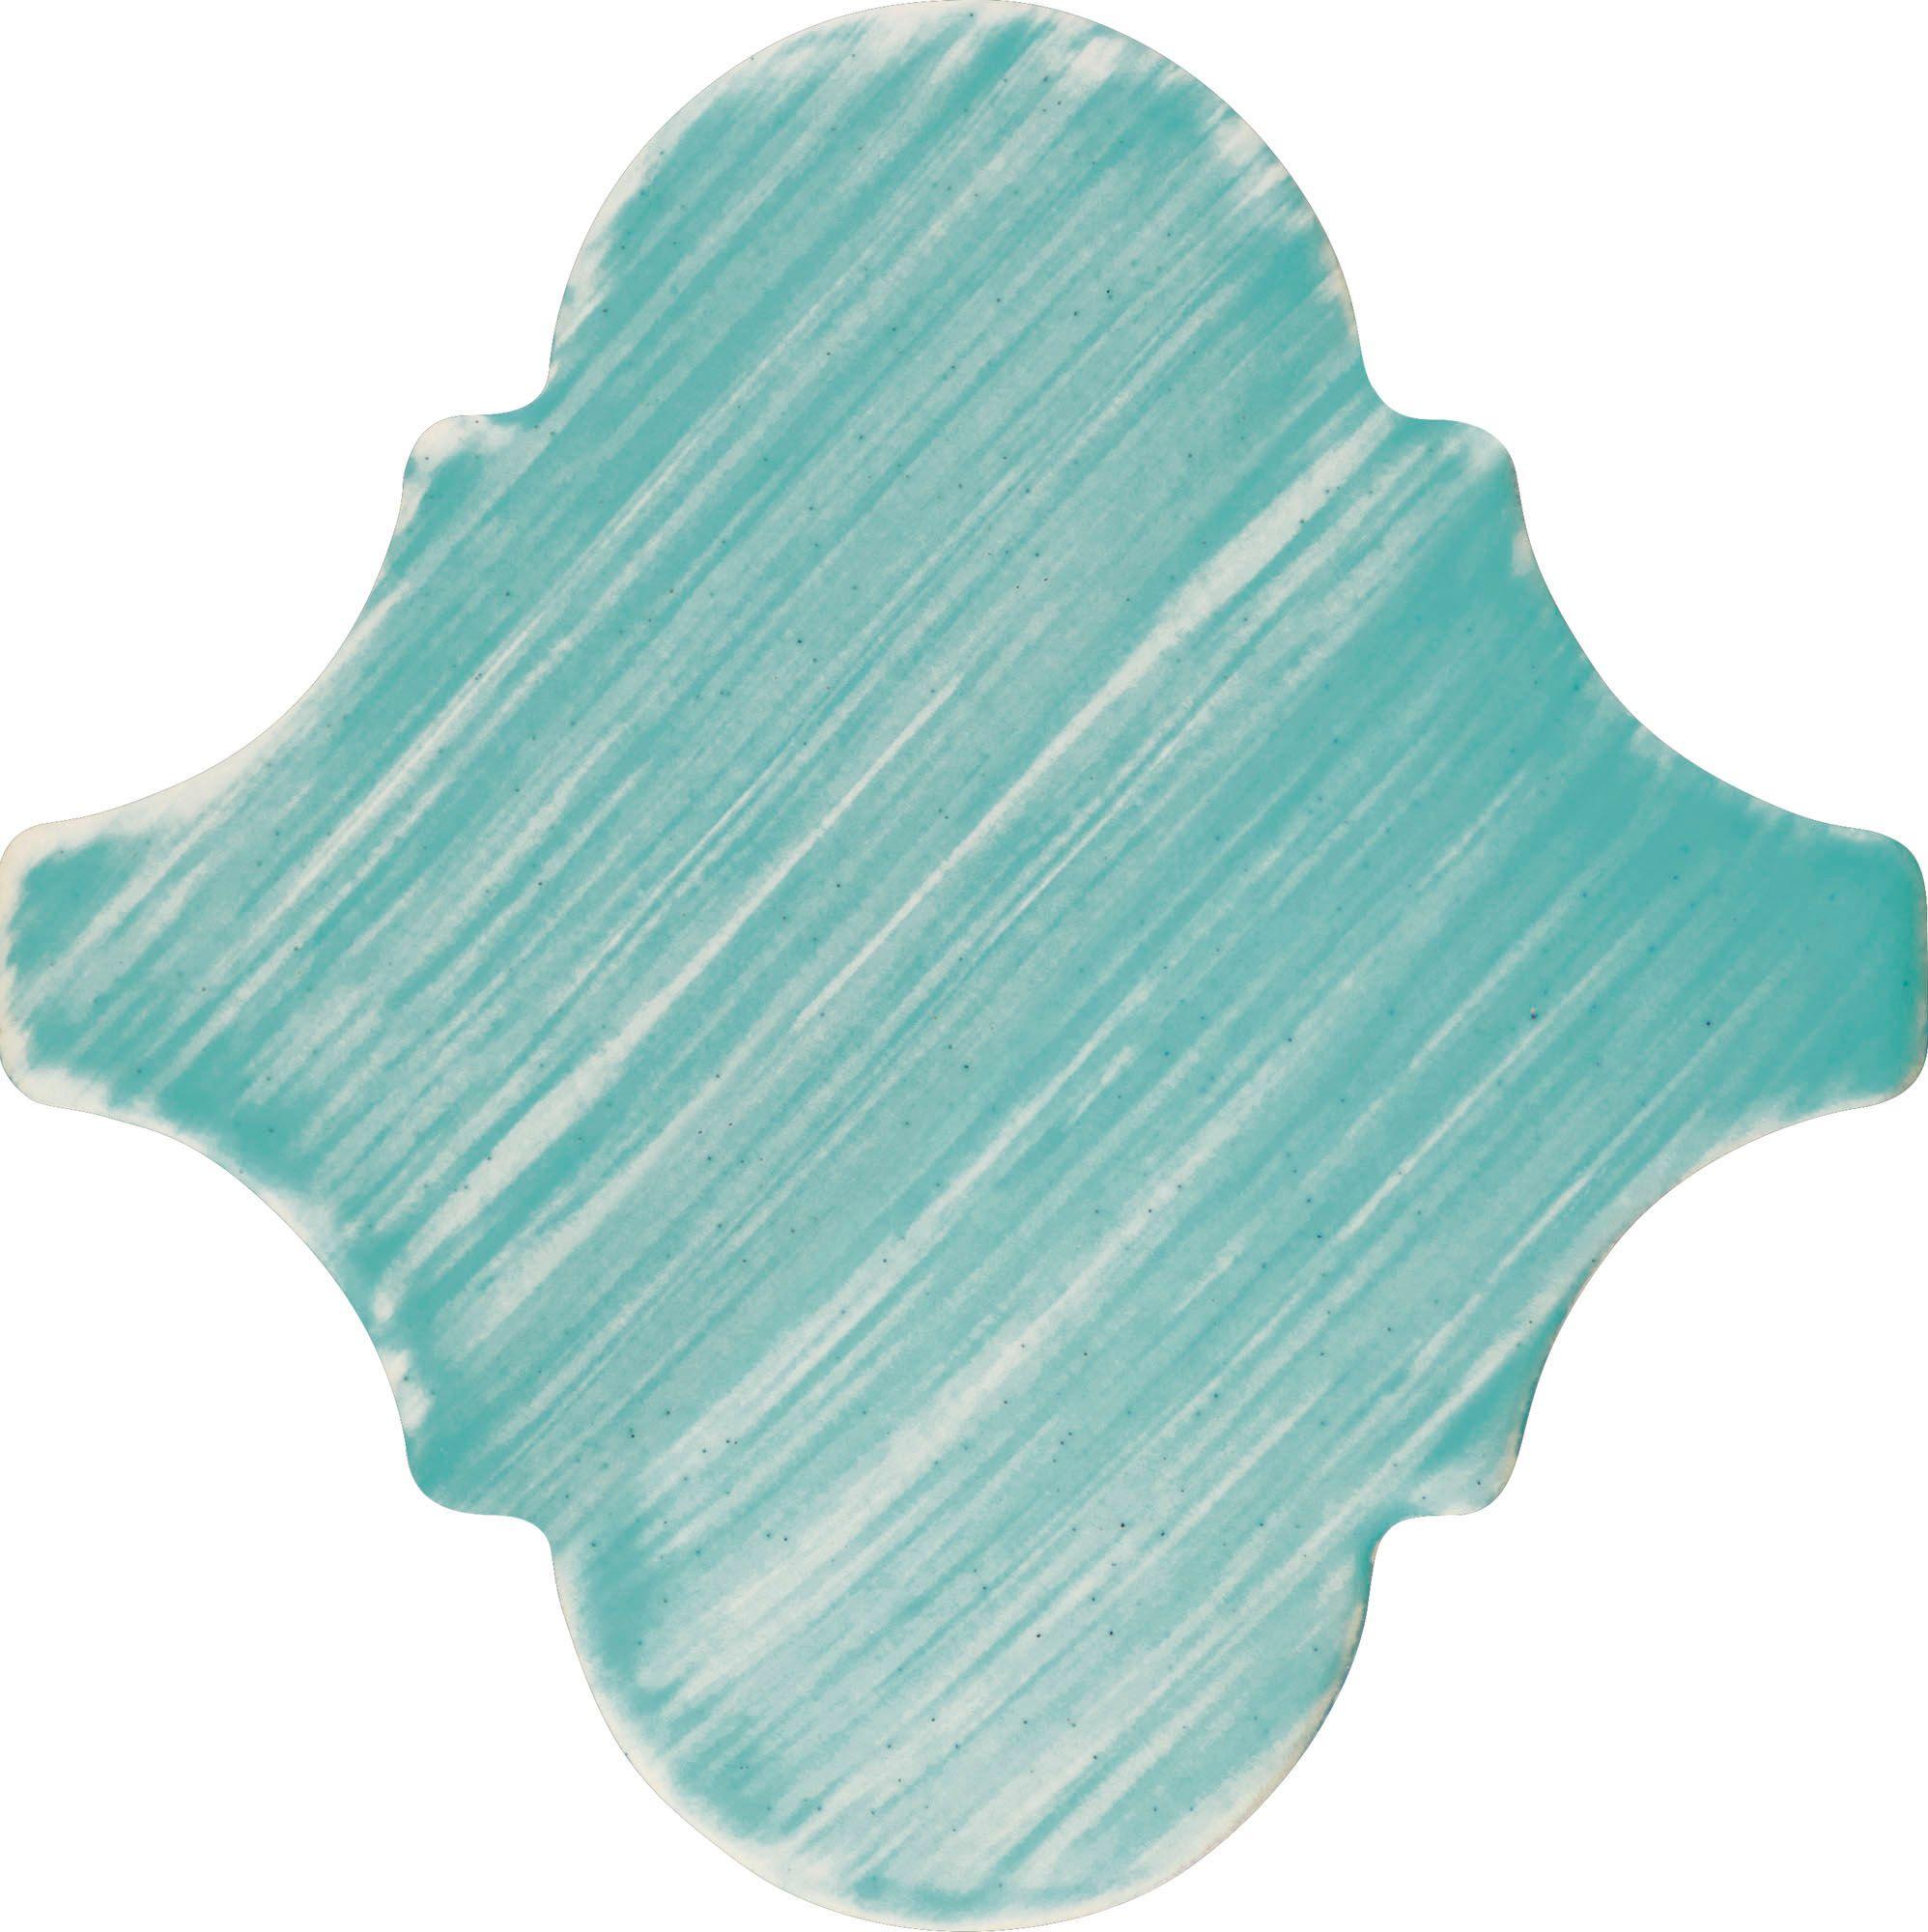 PF018 Color Art Plain Blue Arabesque